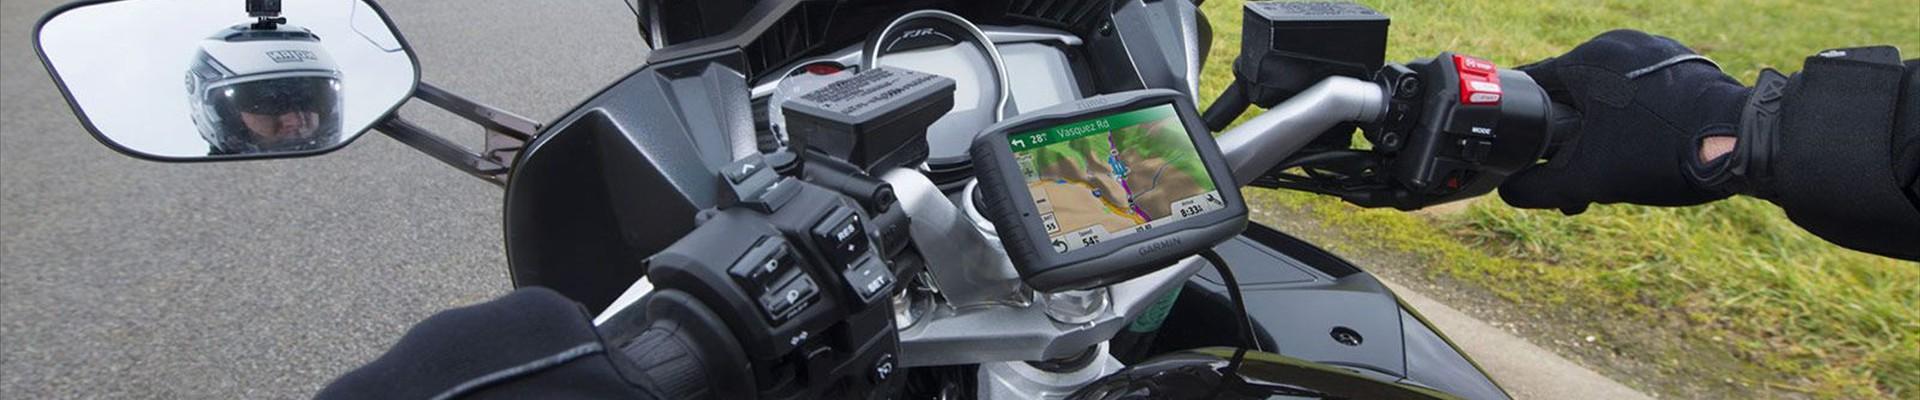 Réparation de GPS moto